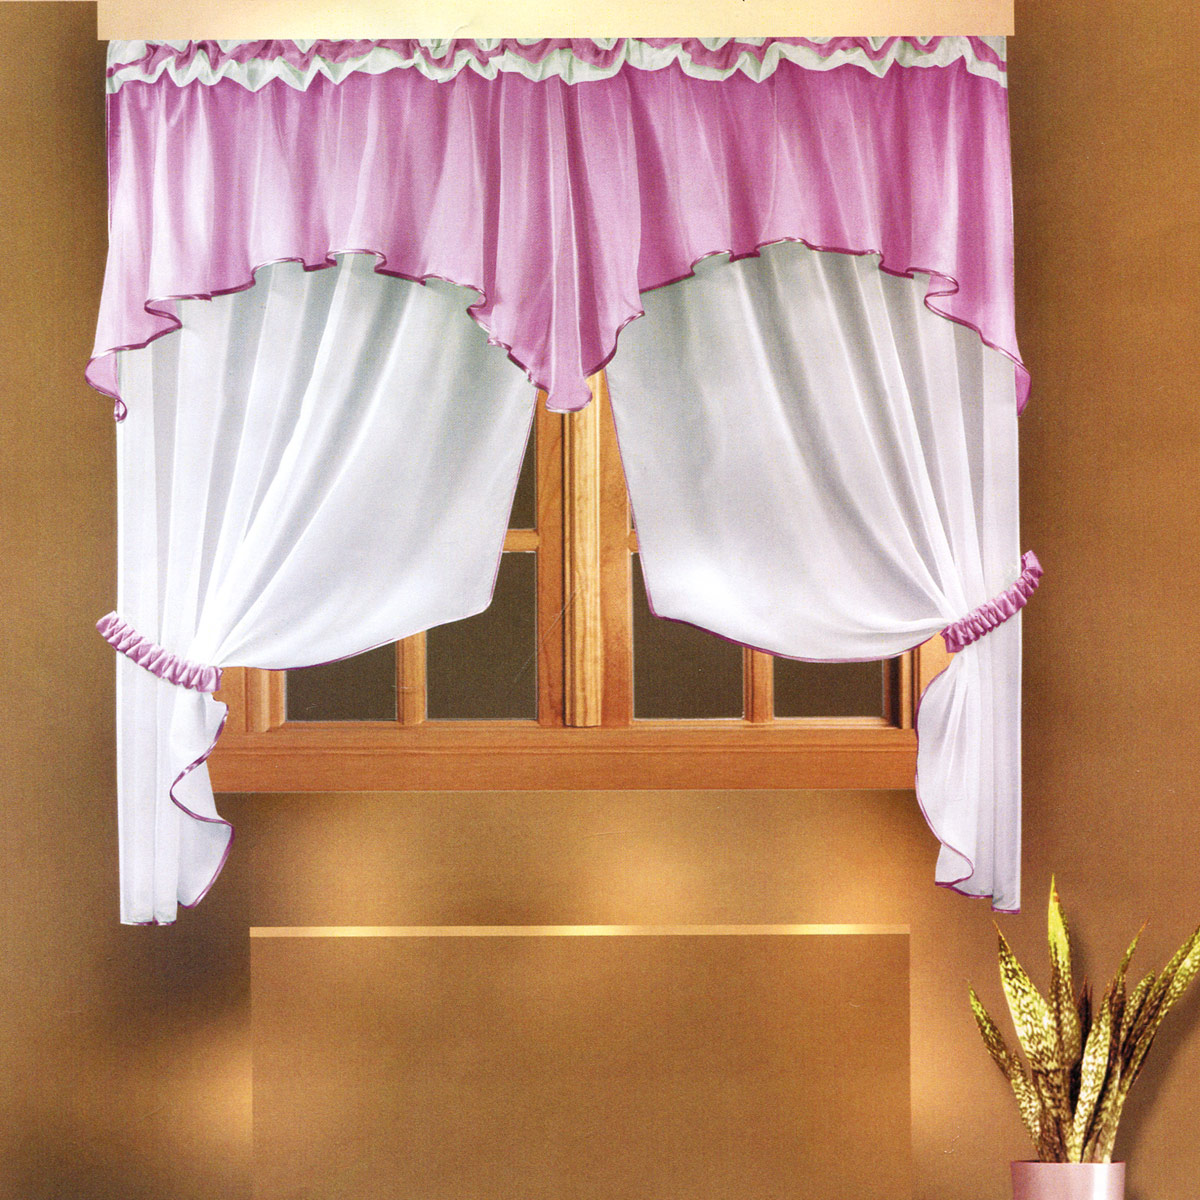 Комплект штор Zlata Korunka, на ленте, цвет: сиреневый, высота 160 см. Б026S03301004Роскошный комплект штор Zlata Korunka, выполненный из полиэстера, великолепно украсит любое окно. Комплект состоит из ламбрекена и тюля. Воздушная ткань и приятная, приглушенная гамма привлекут к себе внимание и органично впишутся в интерьер помещения. Этот комплект будет долгое время радовать вас и вашу семью! Шторы крепятся на карниз при помощи ленты, которая поможет красиво и равномерно задрапировать верх. Тюль можно зафиксировать в одном положении с помощью двух подхватов, которые также можно задрапировать.